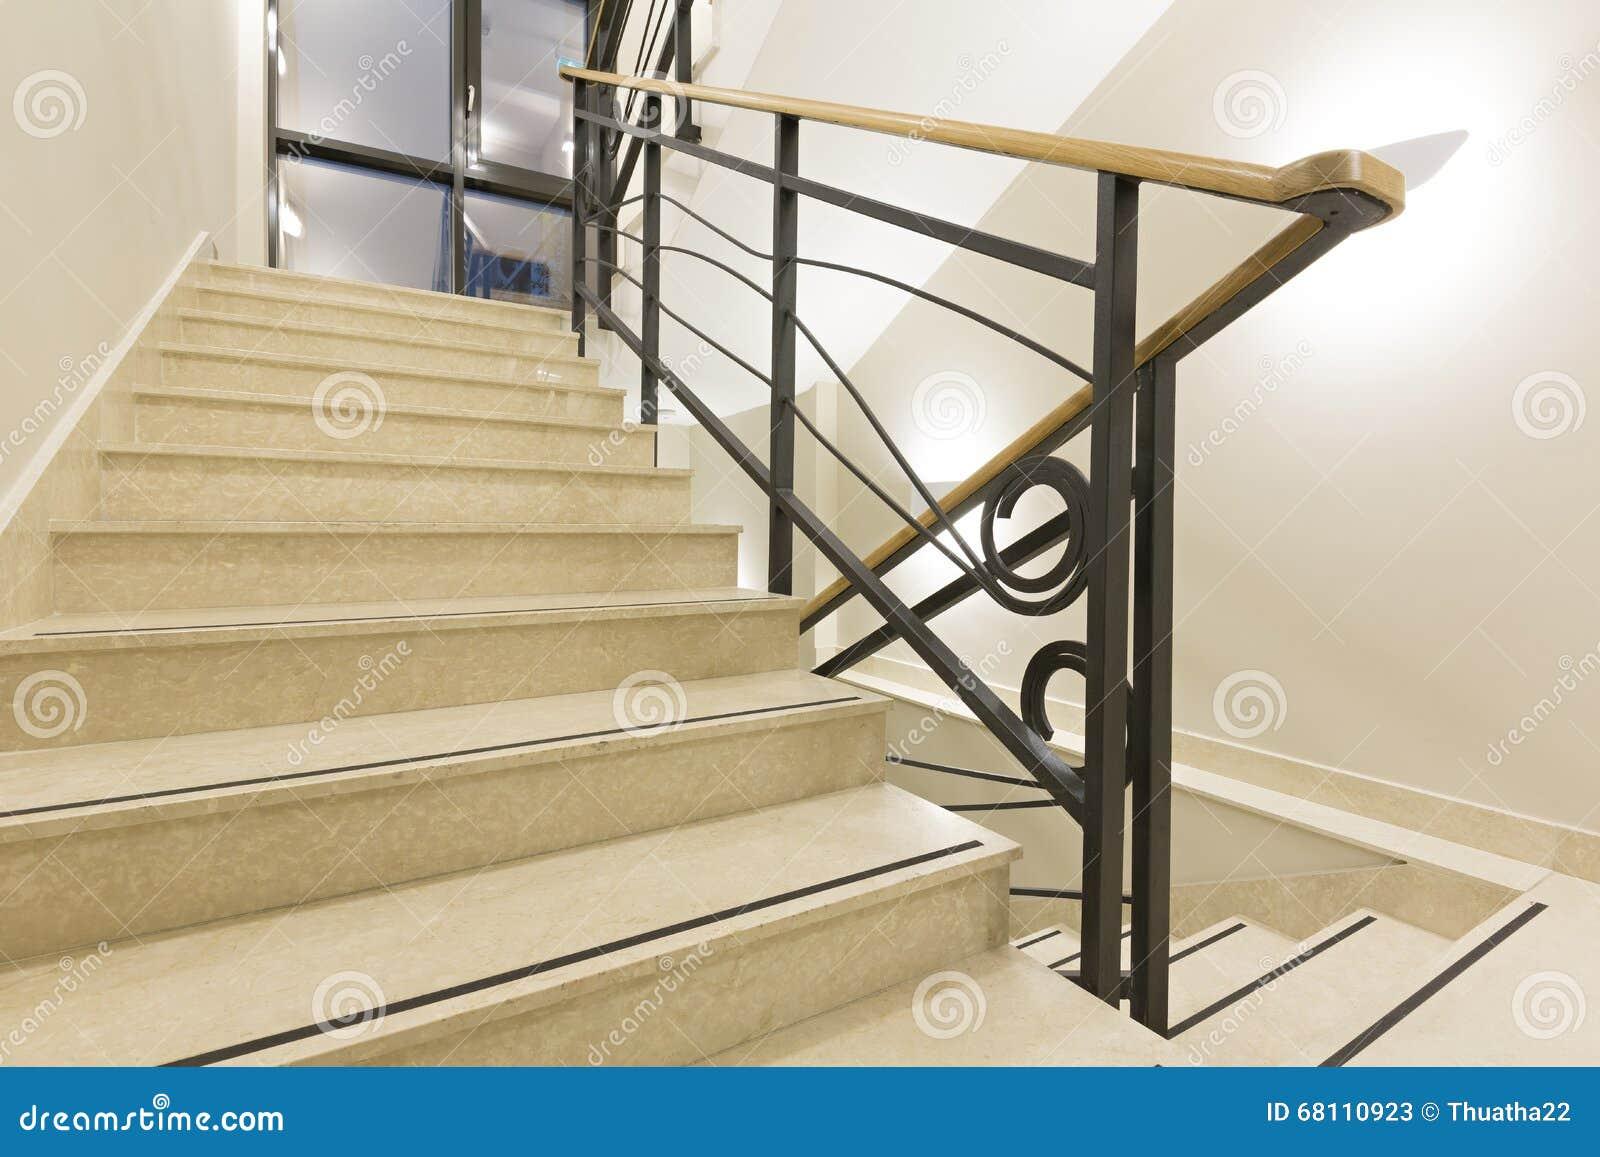 Escaleras de m rmol de lujo en pasillo del hotel foto de for Escaleras de marmol